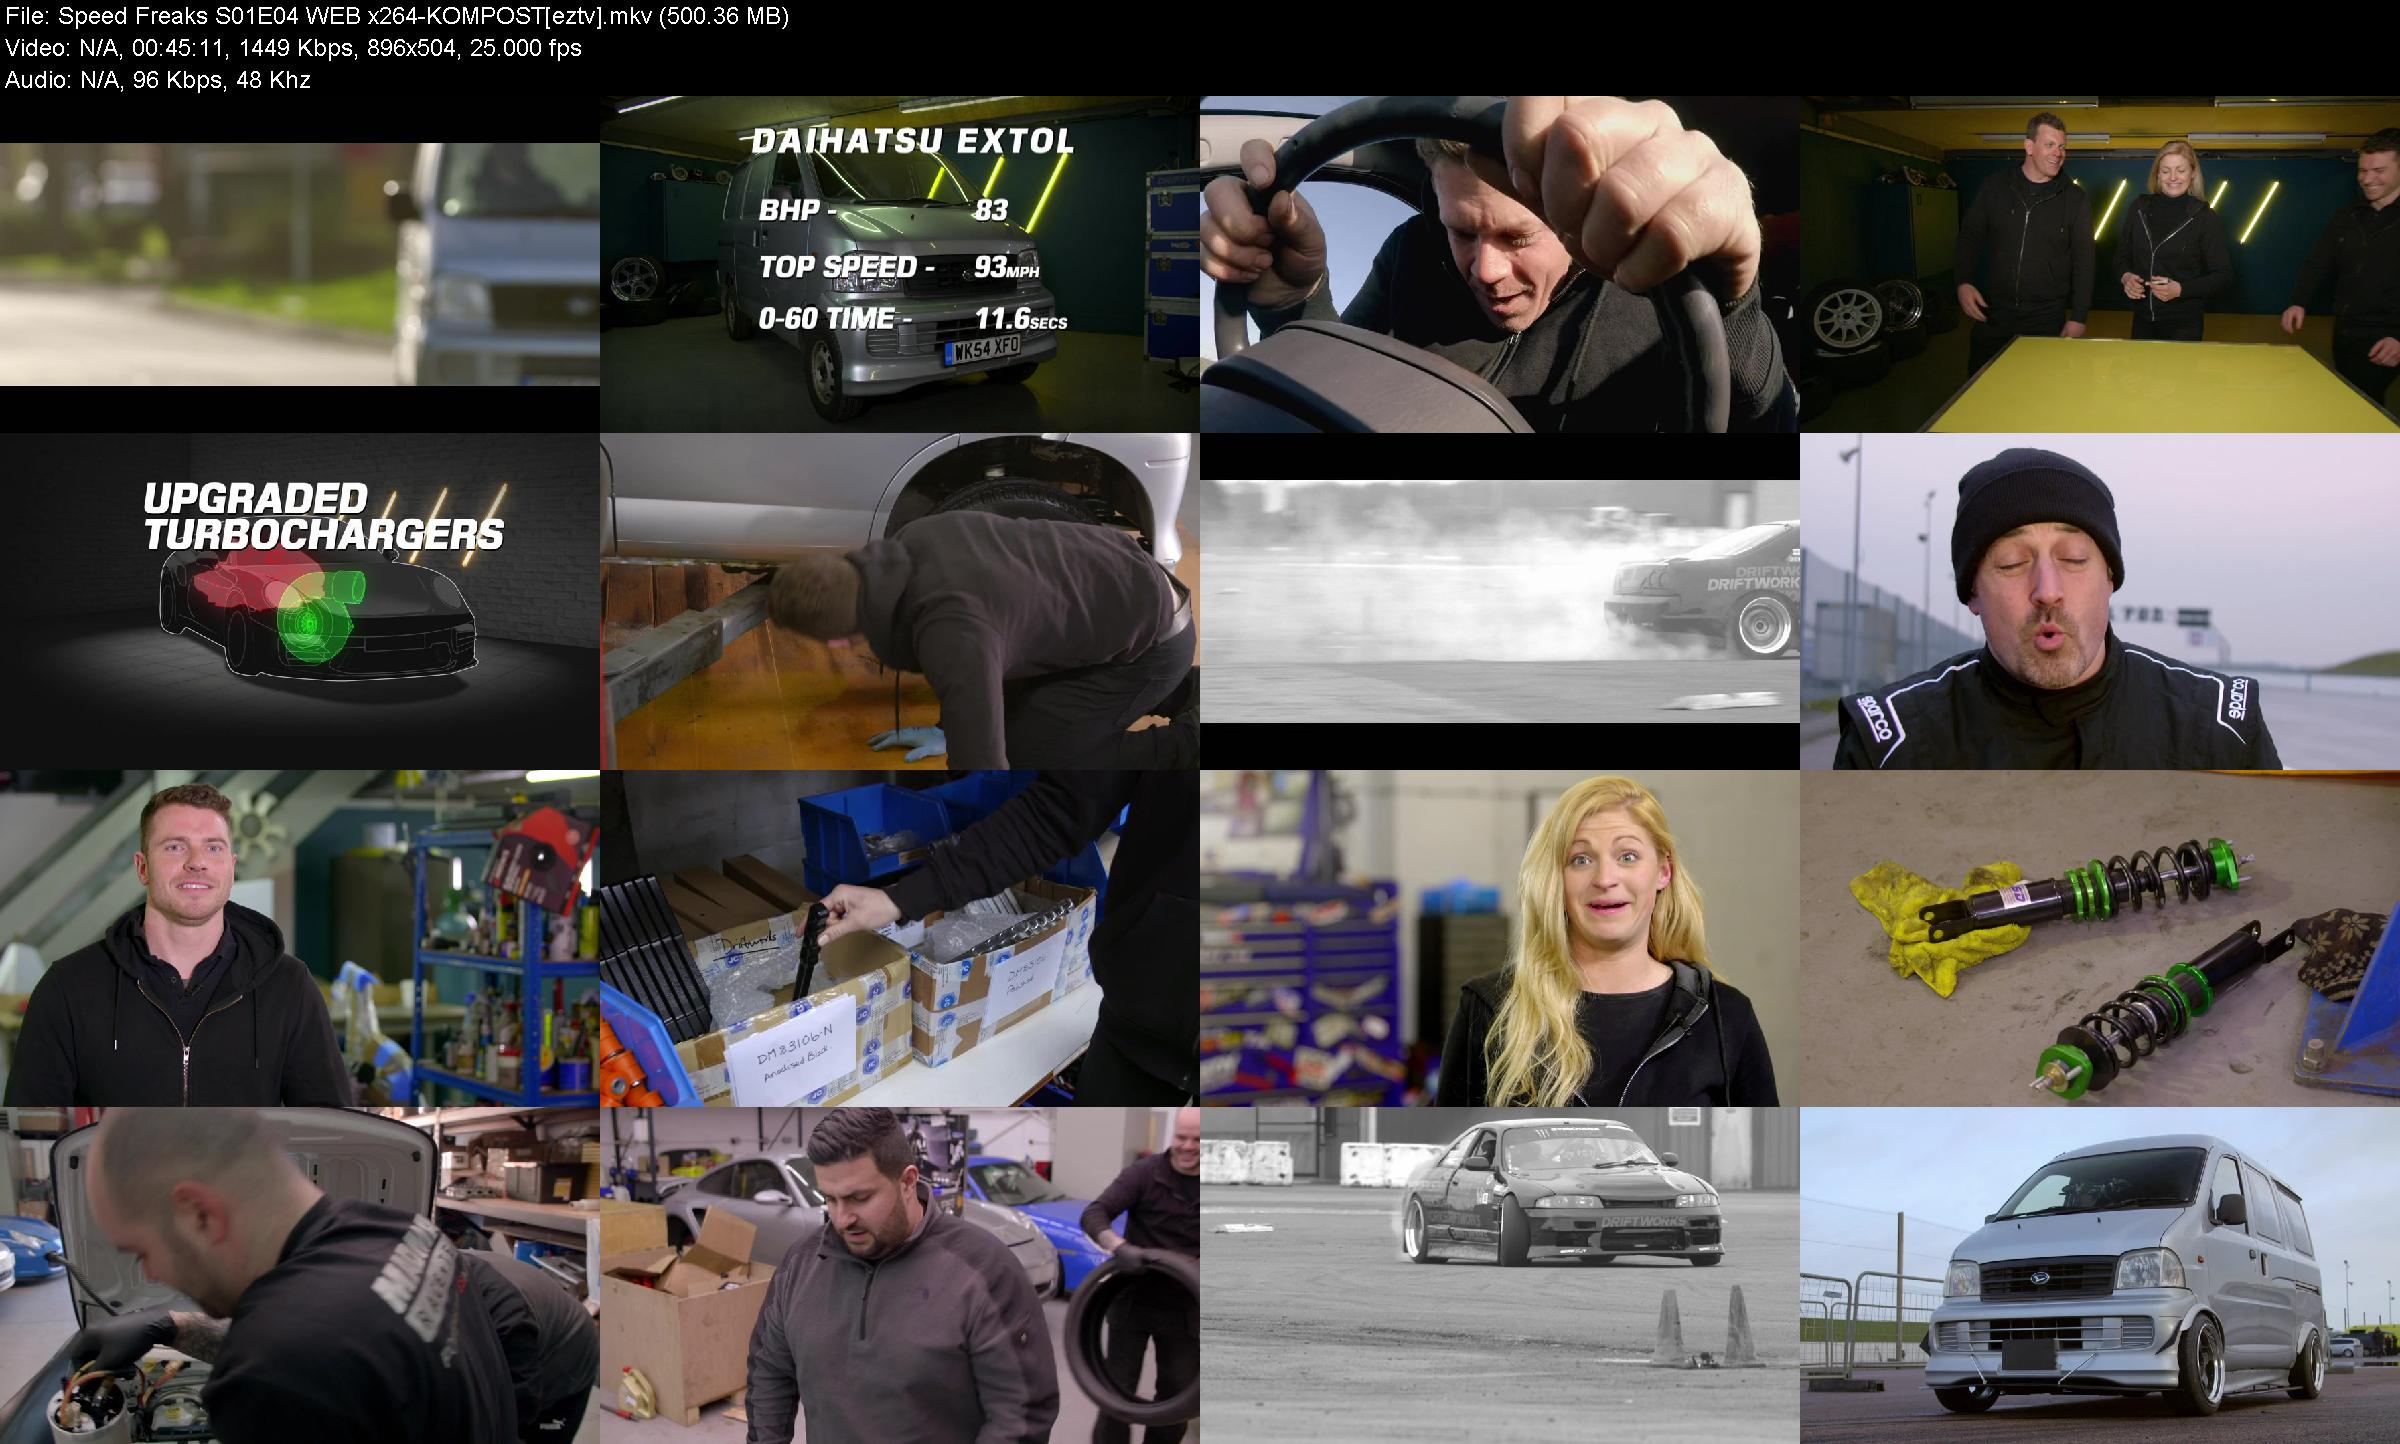 Speed Freaks S01e04 Web X264 kompost